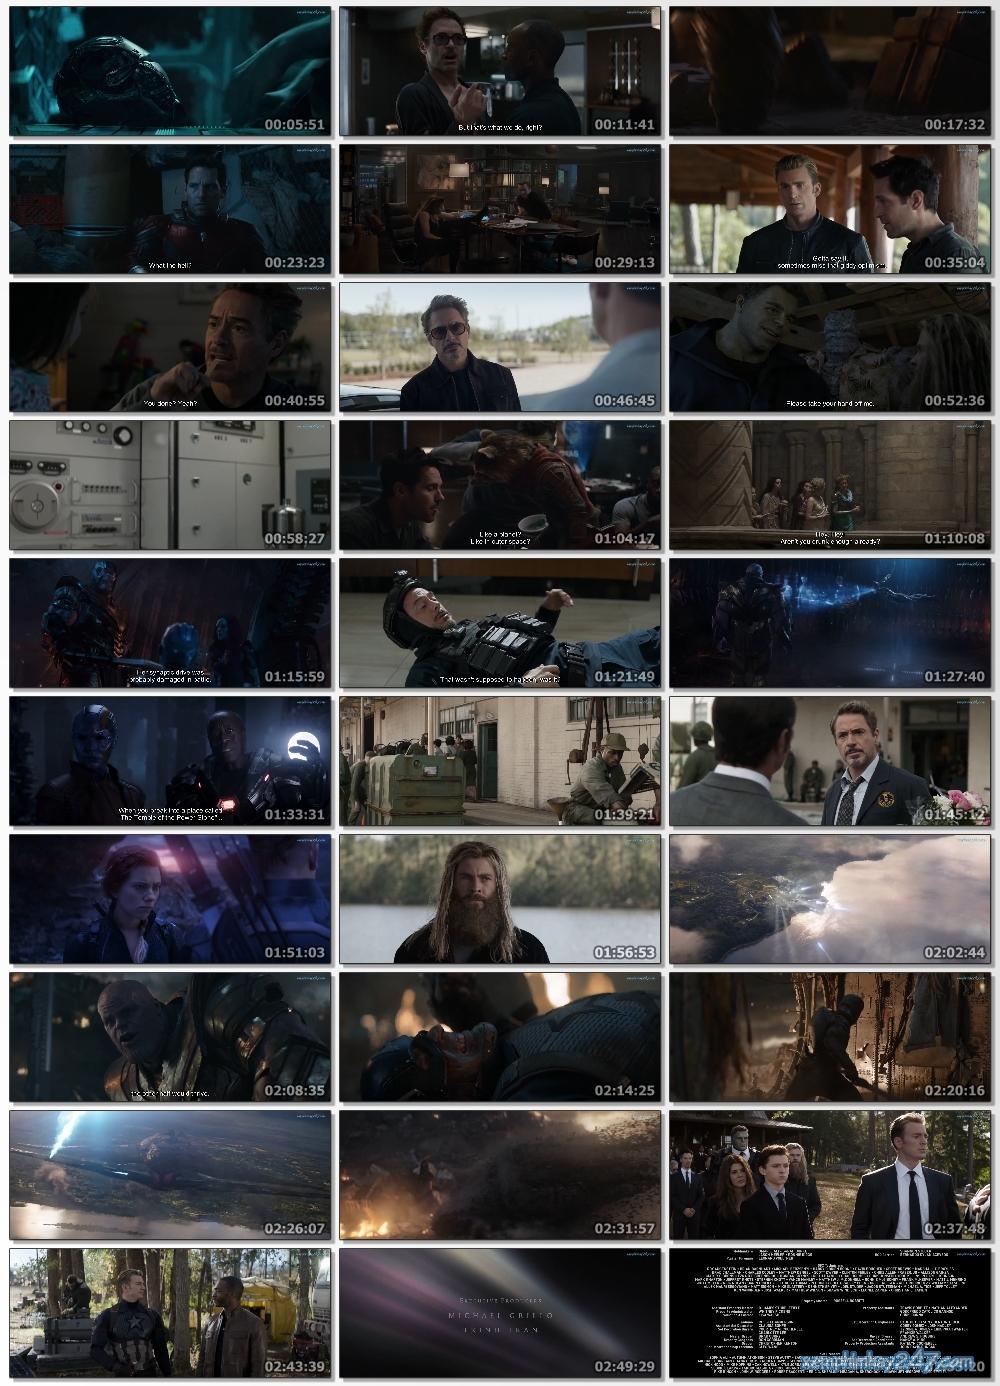 http://xemphimhay247.com - Xem phim hay 247 - Biệt Đội Siêu Anh Hùng 4: Hồi Kết (2019) - Avengers 4: Endgame (2019)